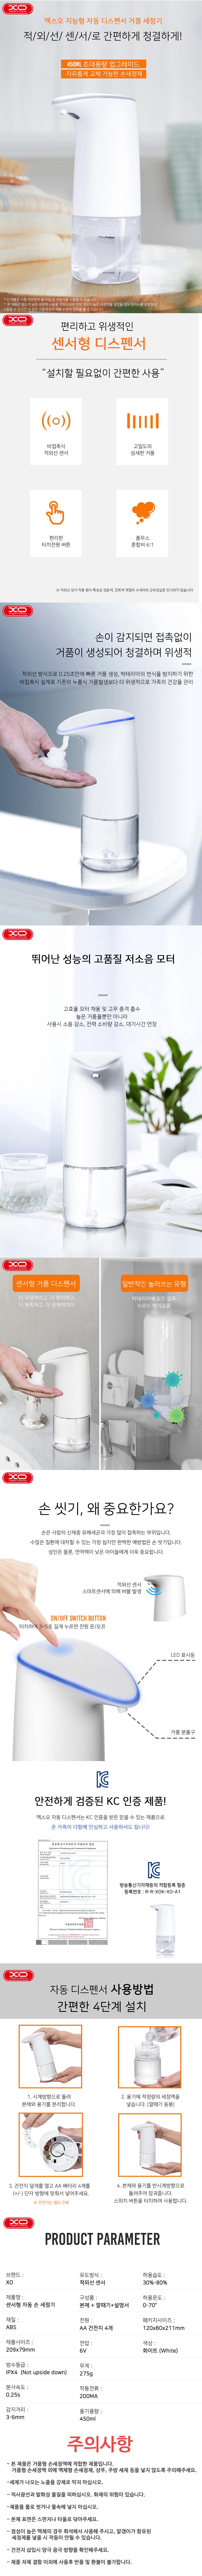 자동 거품 손 세정기 디스펜서  손 세정기 - 베이스어스, 26,900원, 세안/목욕, 비누받침